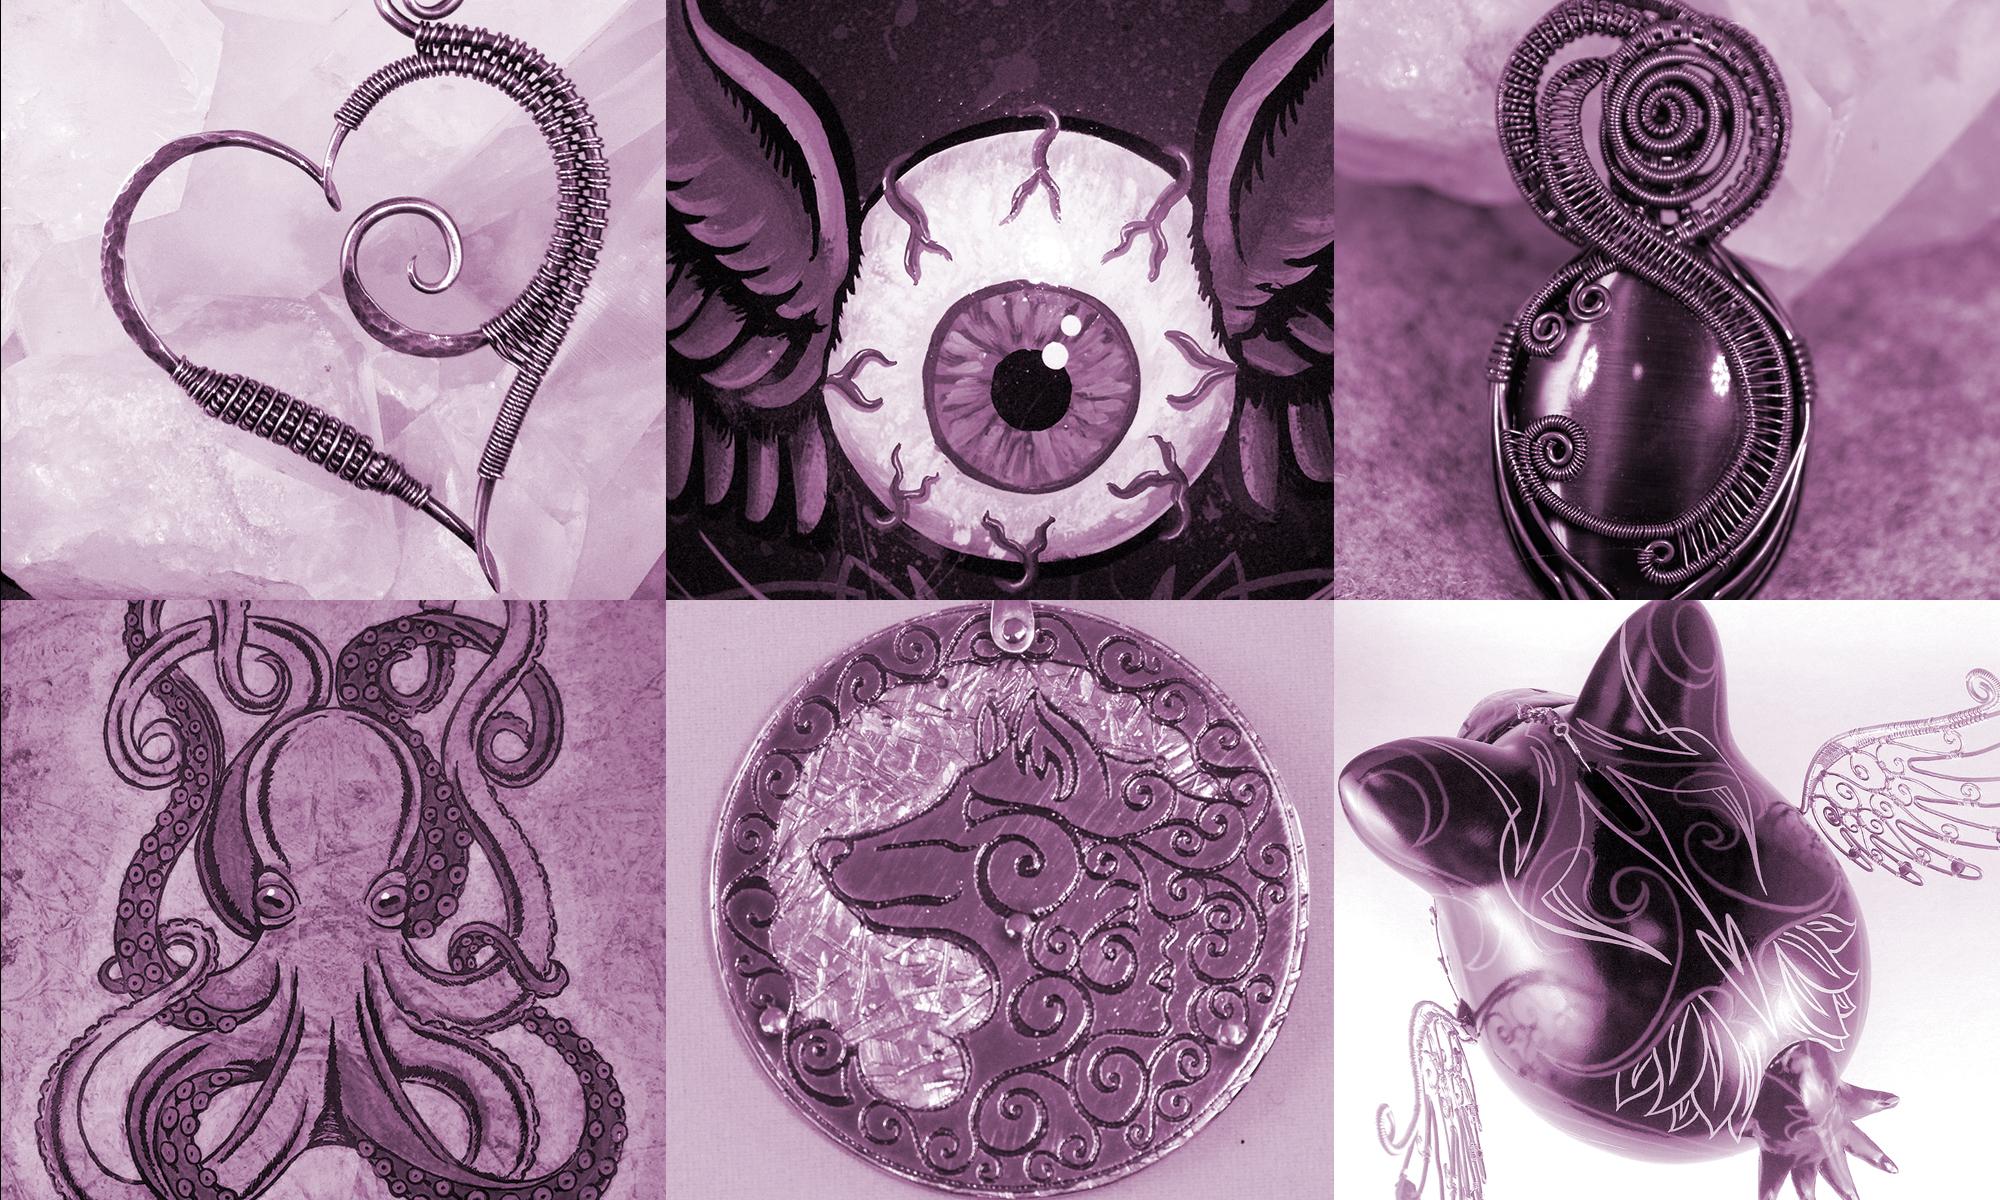 Phoenyx Arts